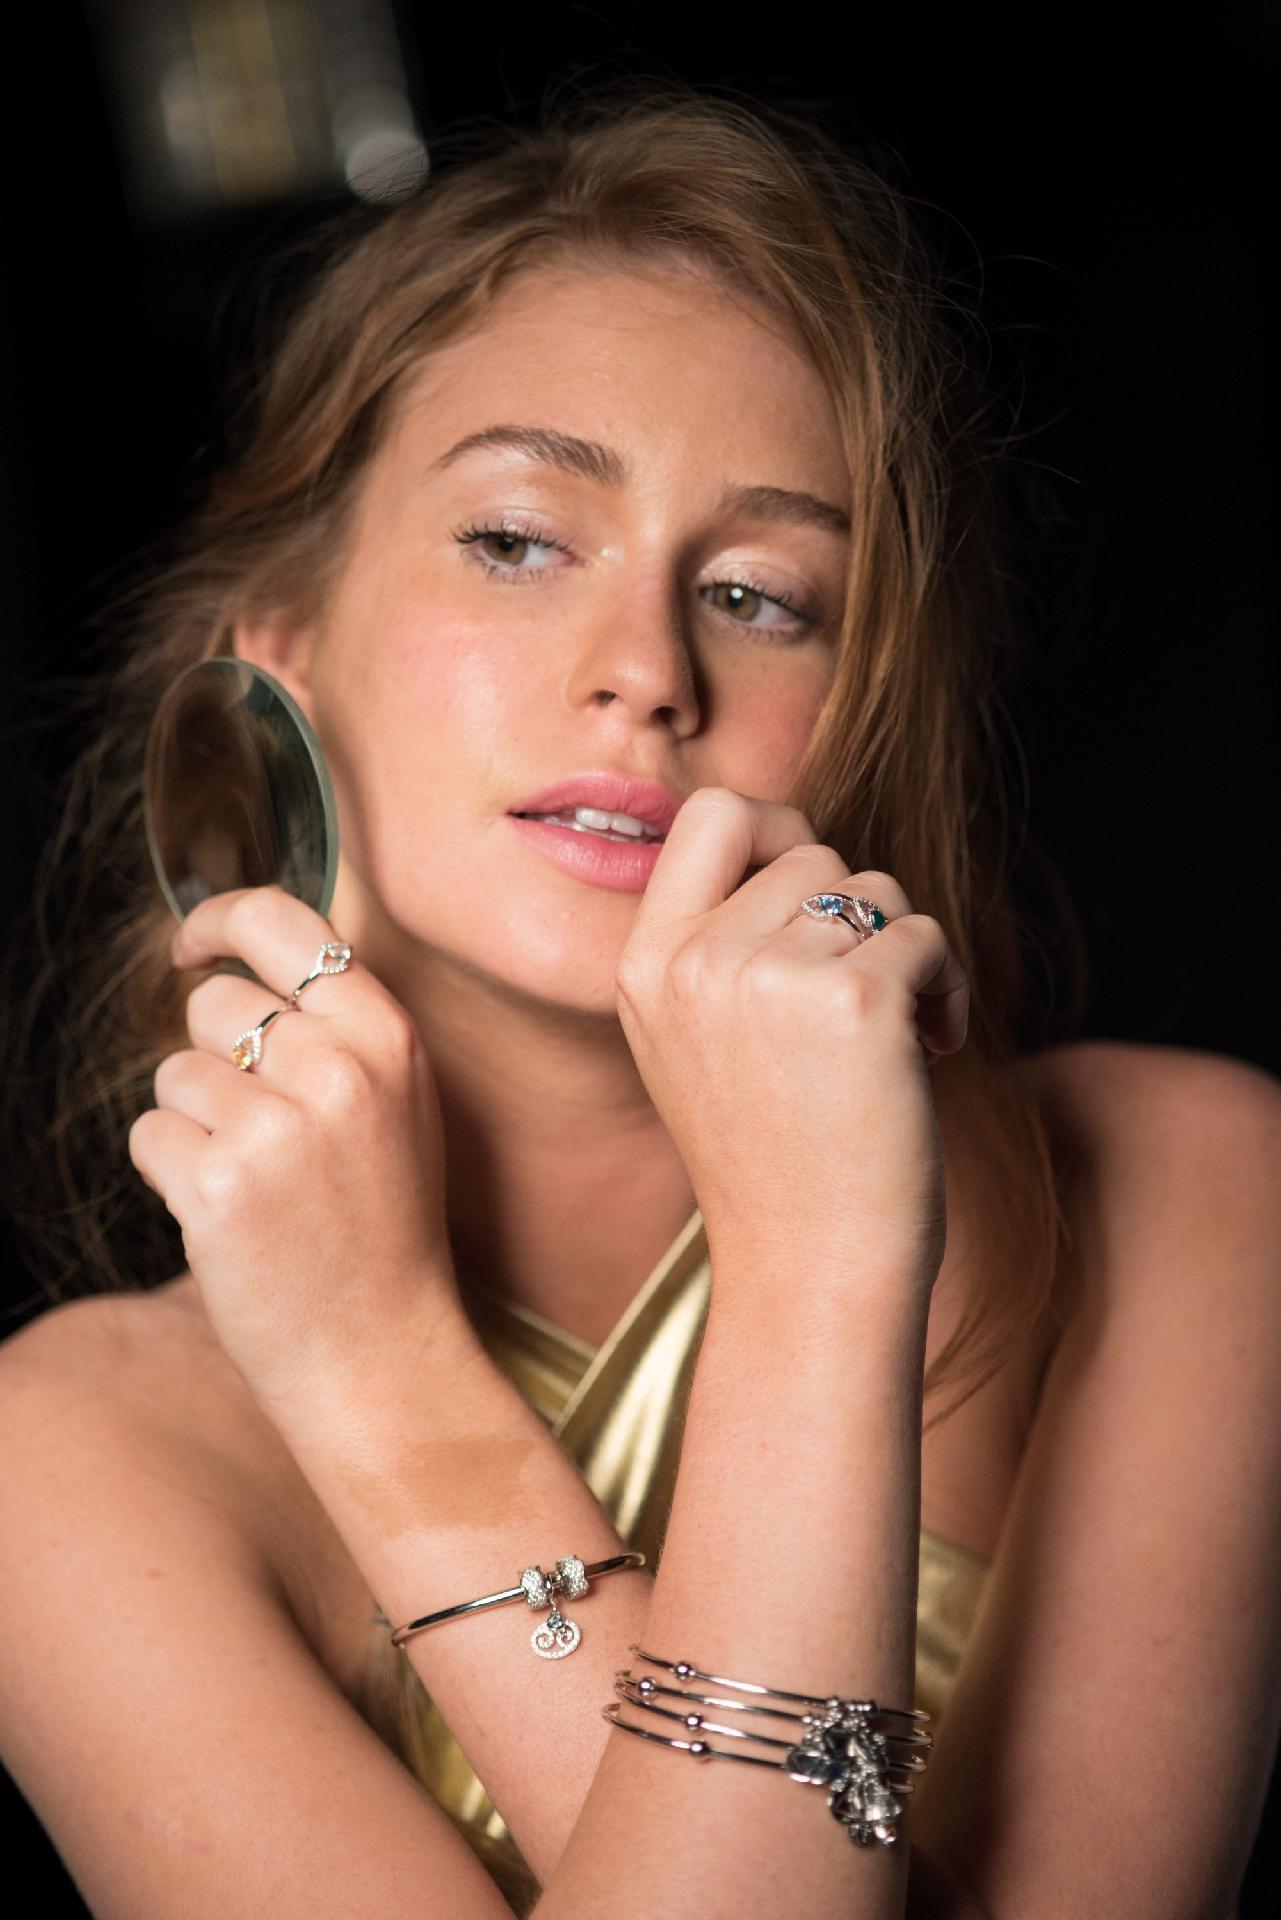 De biquíni, Marina Ruy Barbosa posa sexy e divertida em ensaio -  Entretenimento - BOL 9b27e73402